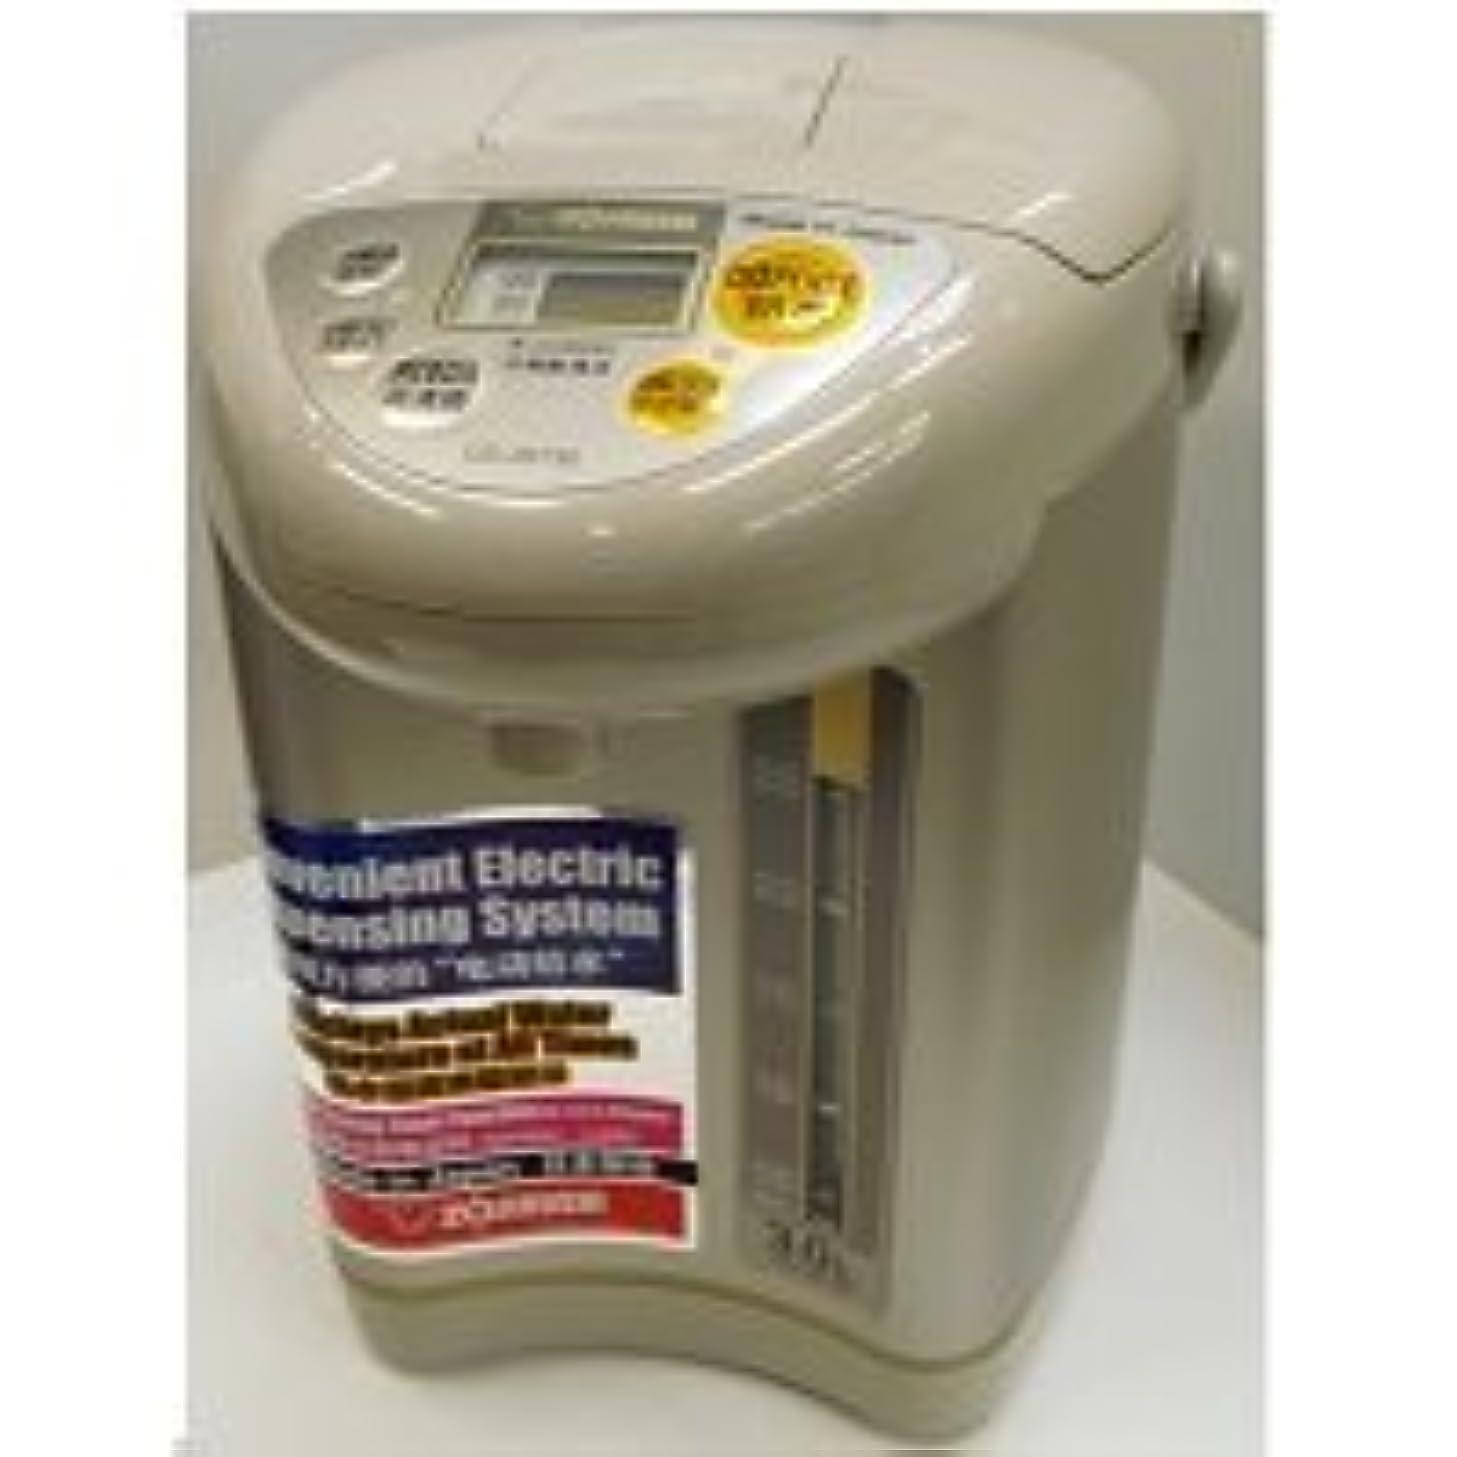 苛性兄弟愛誕生象印 海外仕様 220-230V 電気まほうびん  CD-JST30